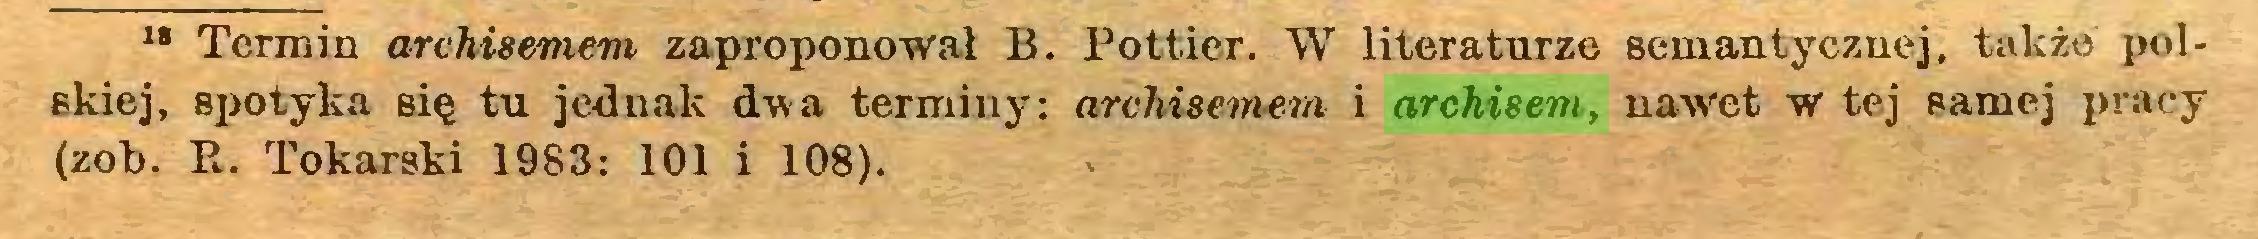 (...) 18 Termin archisemem zaproponował B. Pottier. W literaturze semantycznej, także polskiej, spotyka Bię tu jednak dwa terminy: archisemem i archisem, nawet w tej samej pracy (zob. E. Tokarski 1983: 101 i 108)...